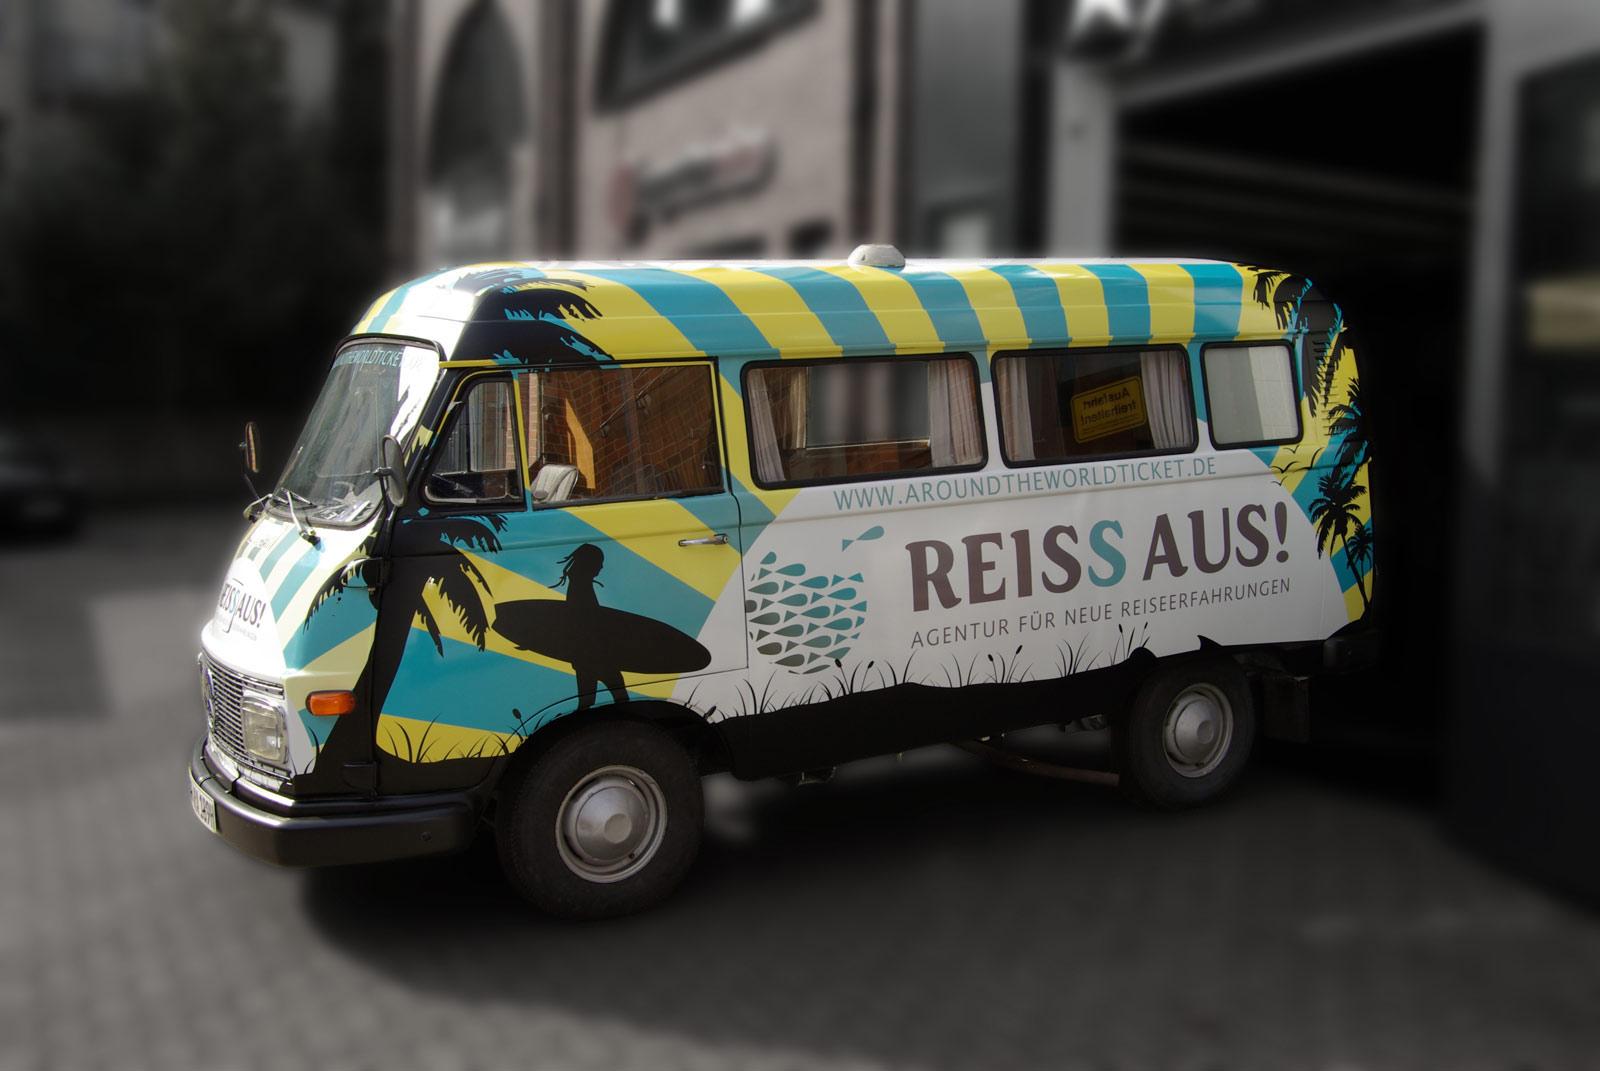 Hanomag Reiss Aus Design im Digitaldruck.